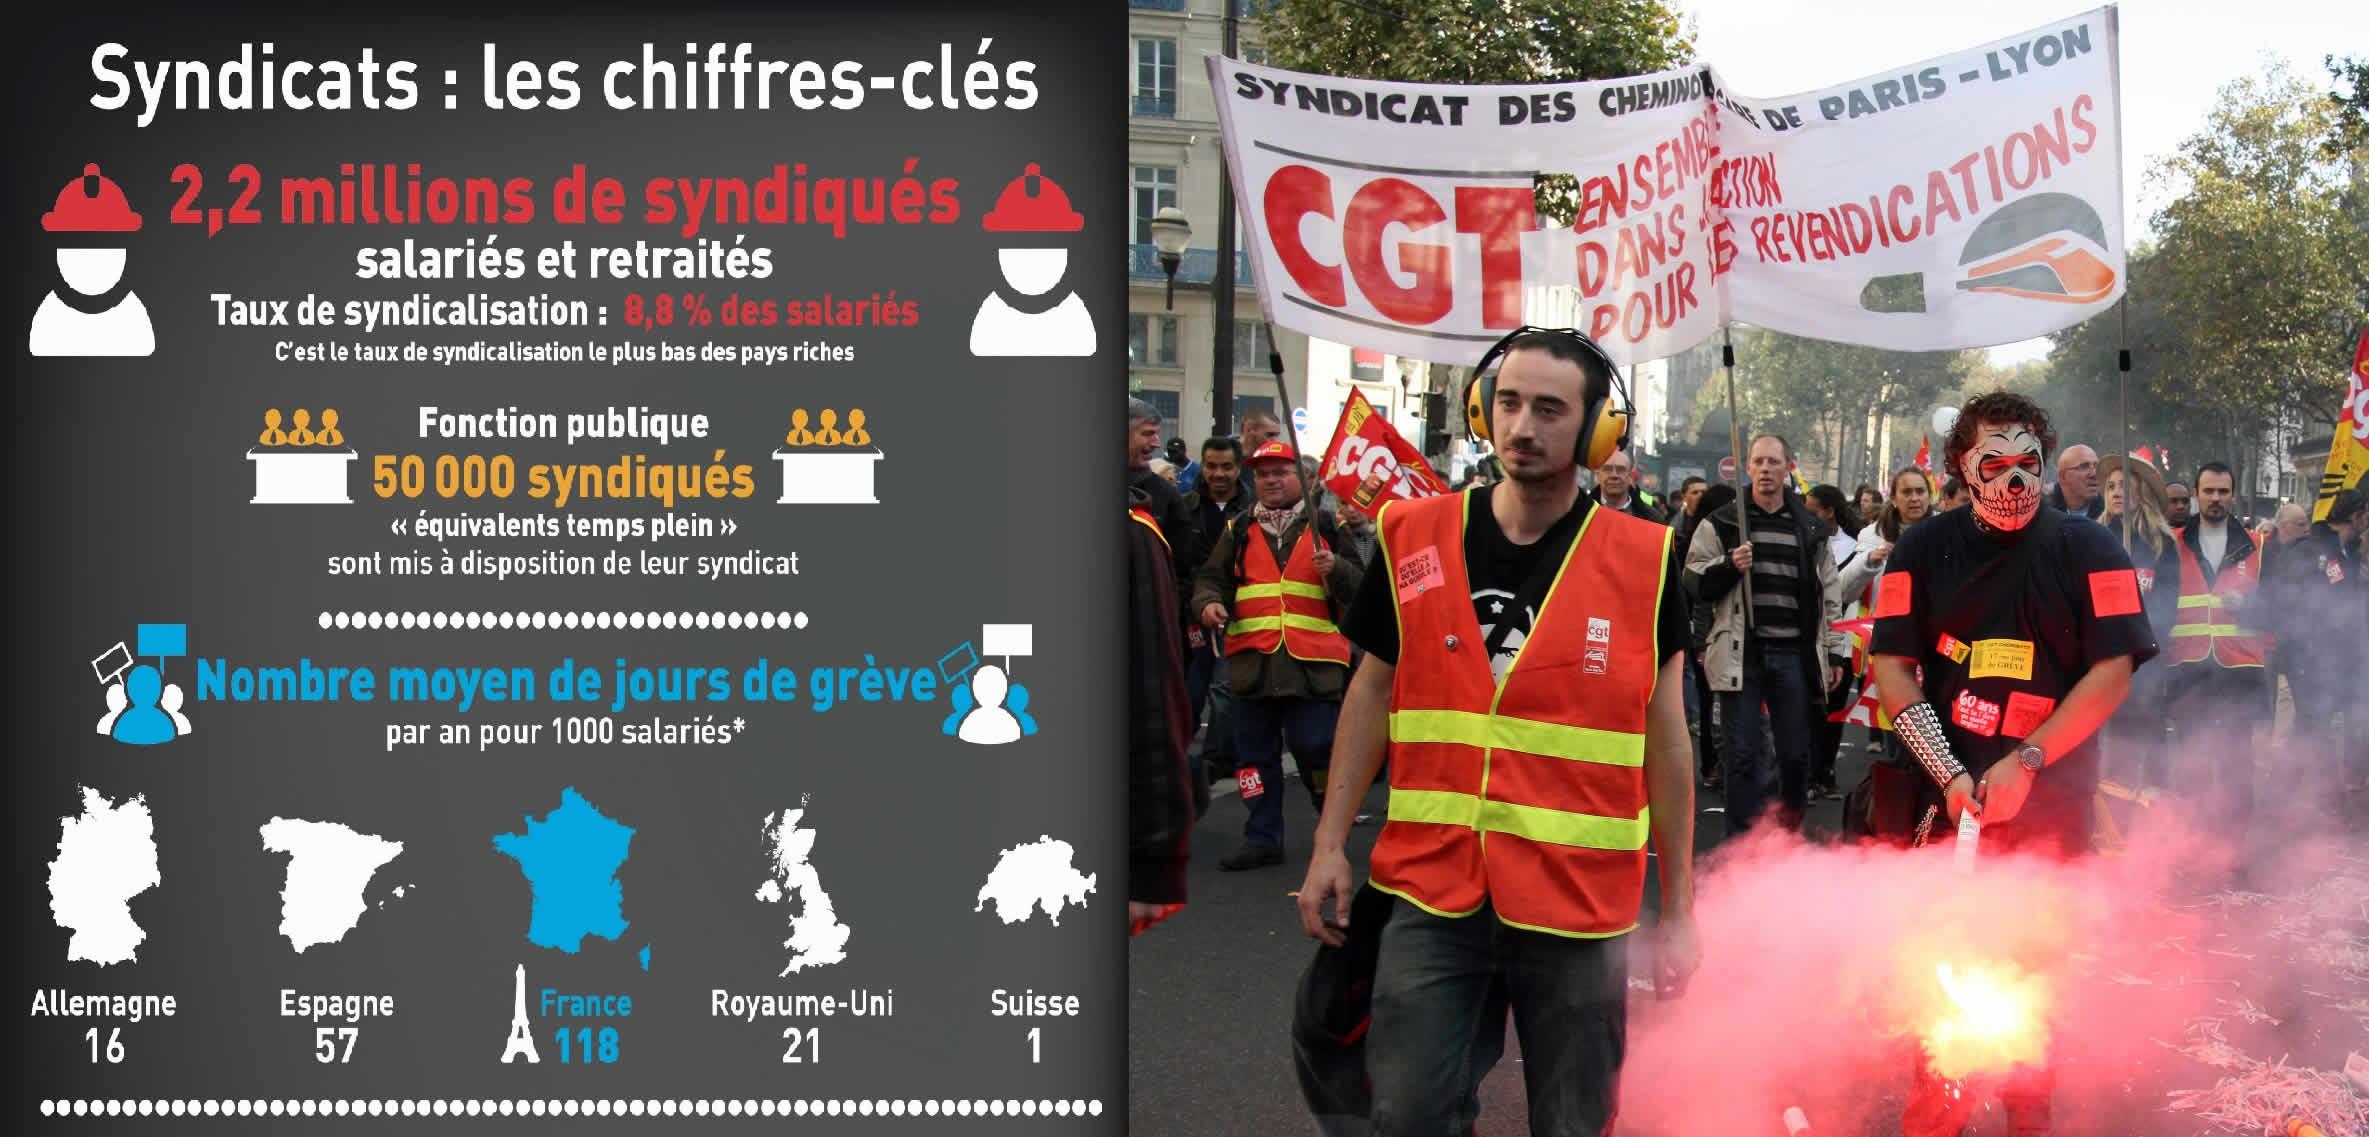 Financement des syndicats : les chiffres-clés en 2020